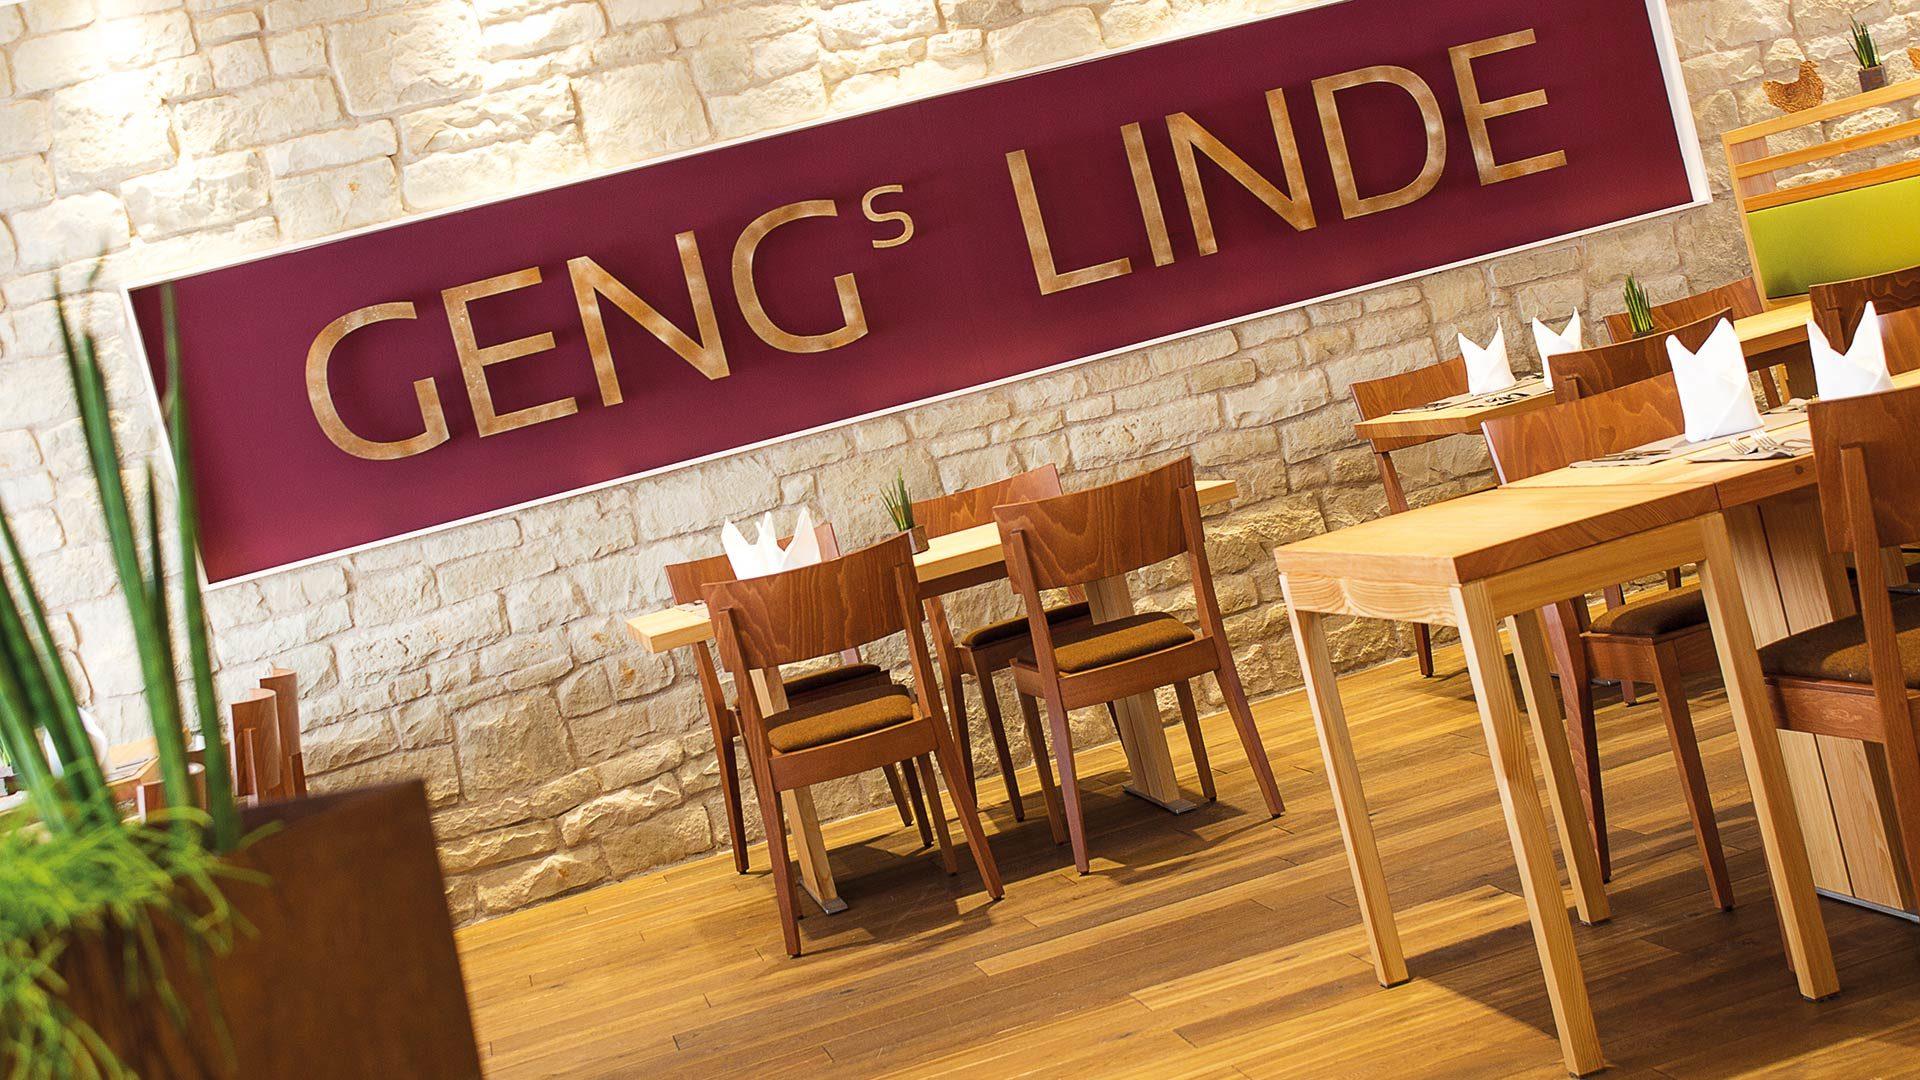 restaurant_gengslinde